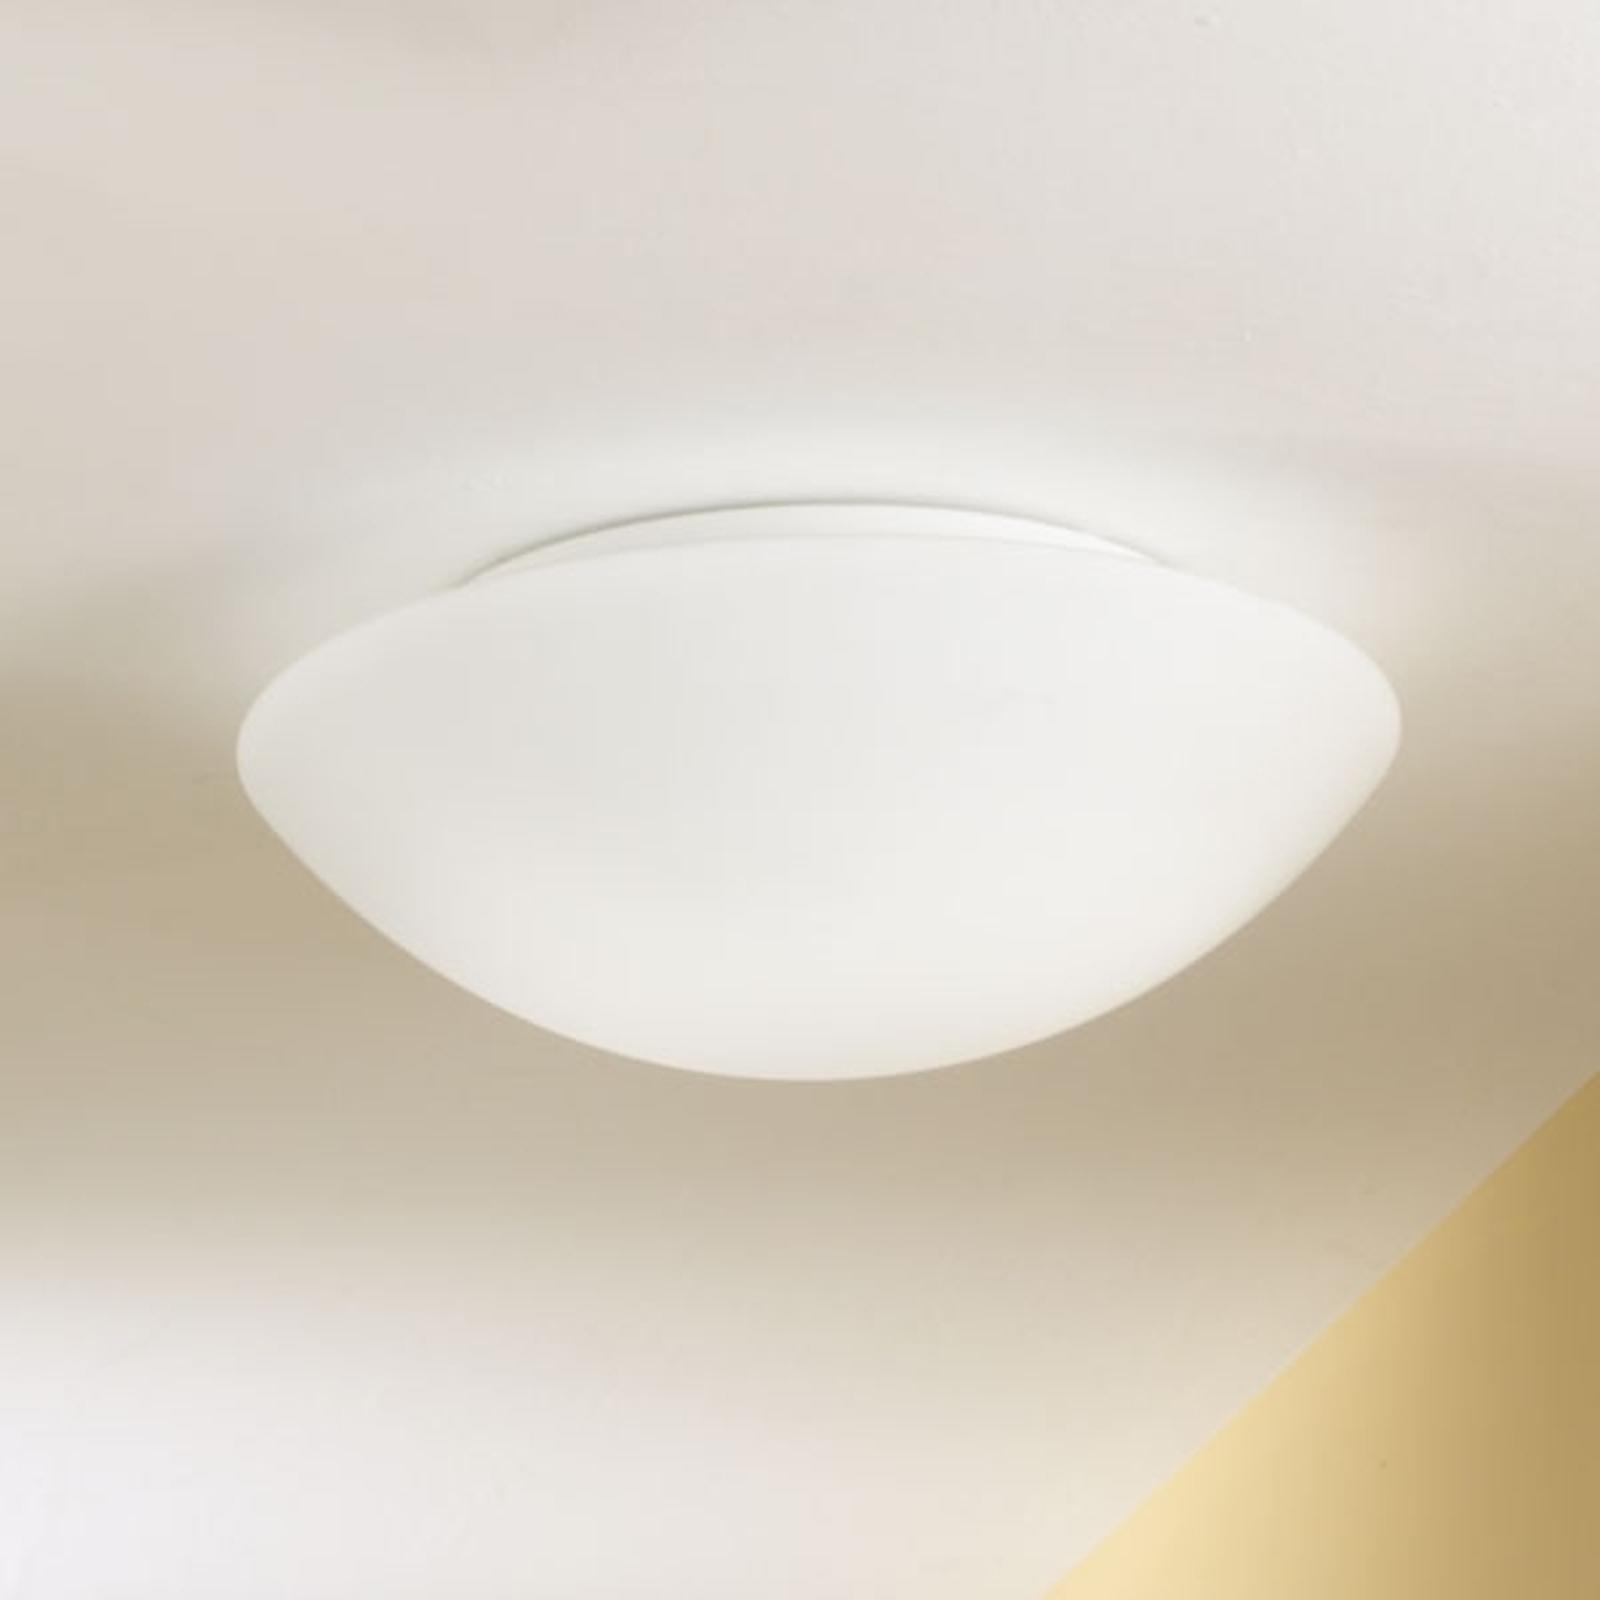 Lampa sufitowa lub ścienna PANDORA 20 cm